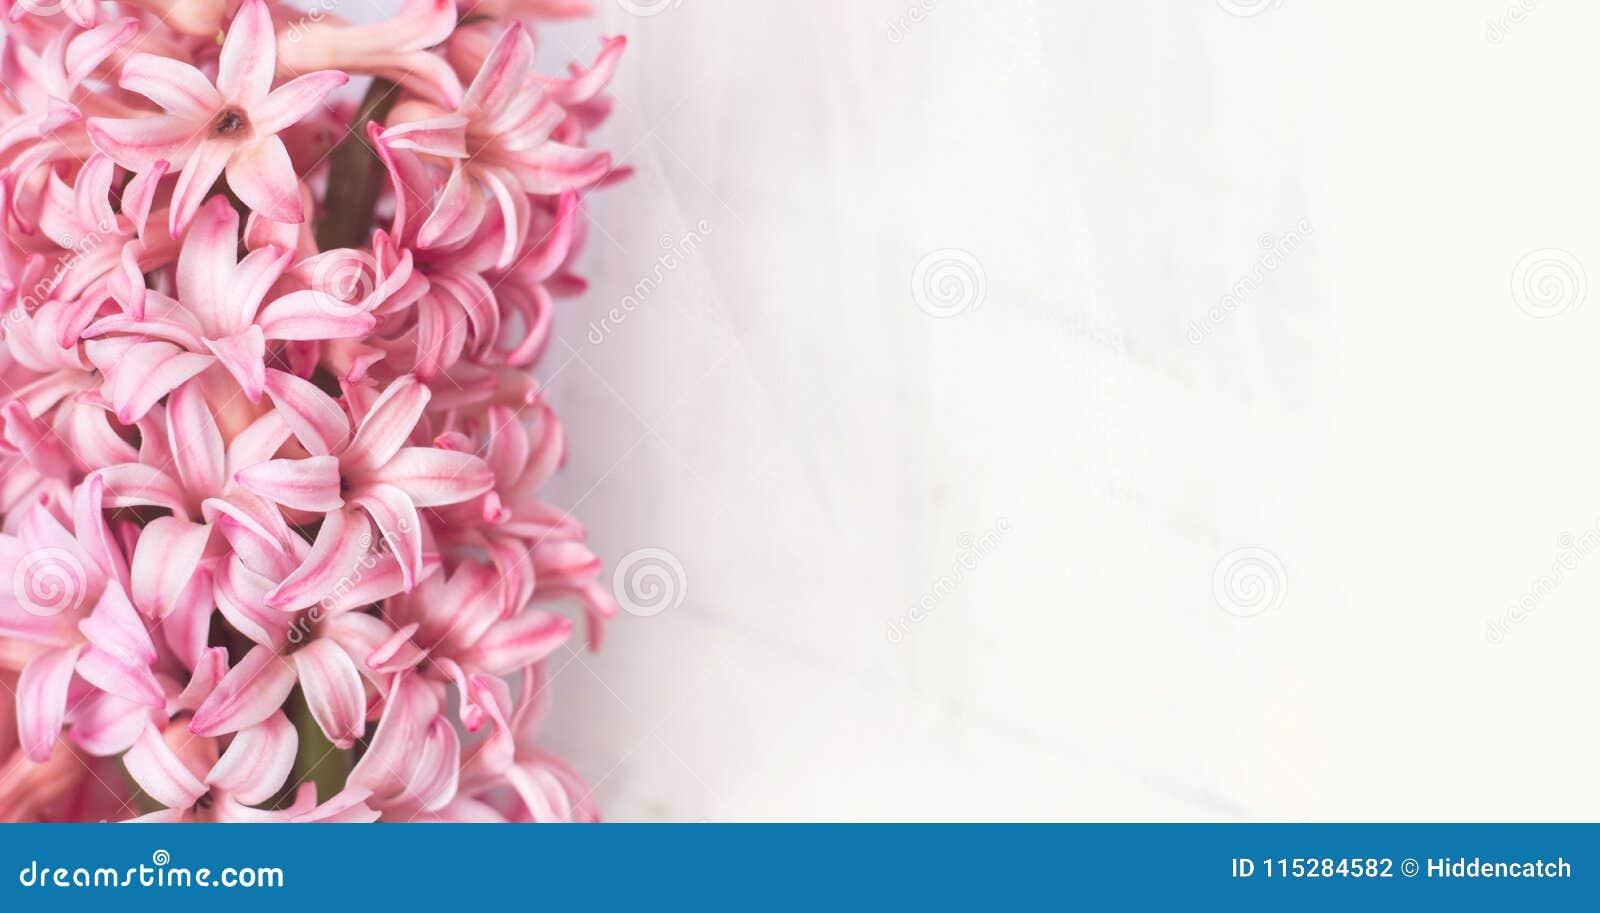 Roze Hyacintbloemen op witte achtergrond, met exemplaarruimte voor y